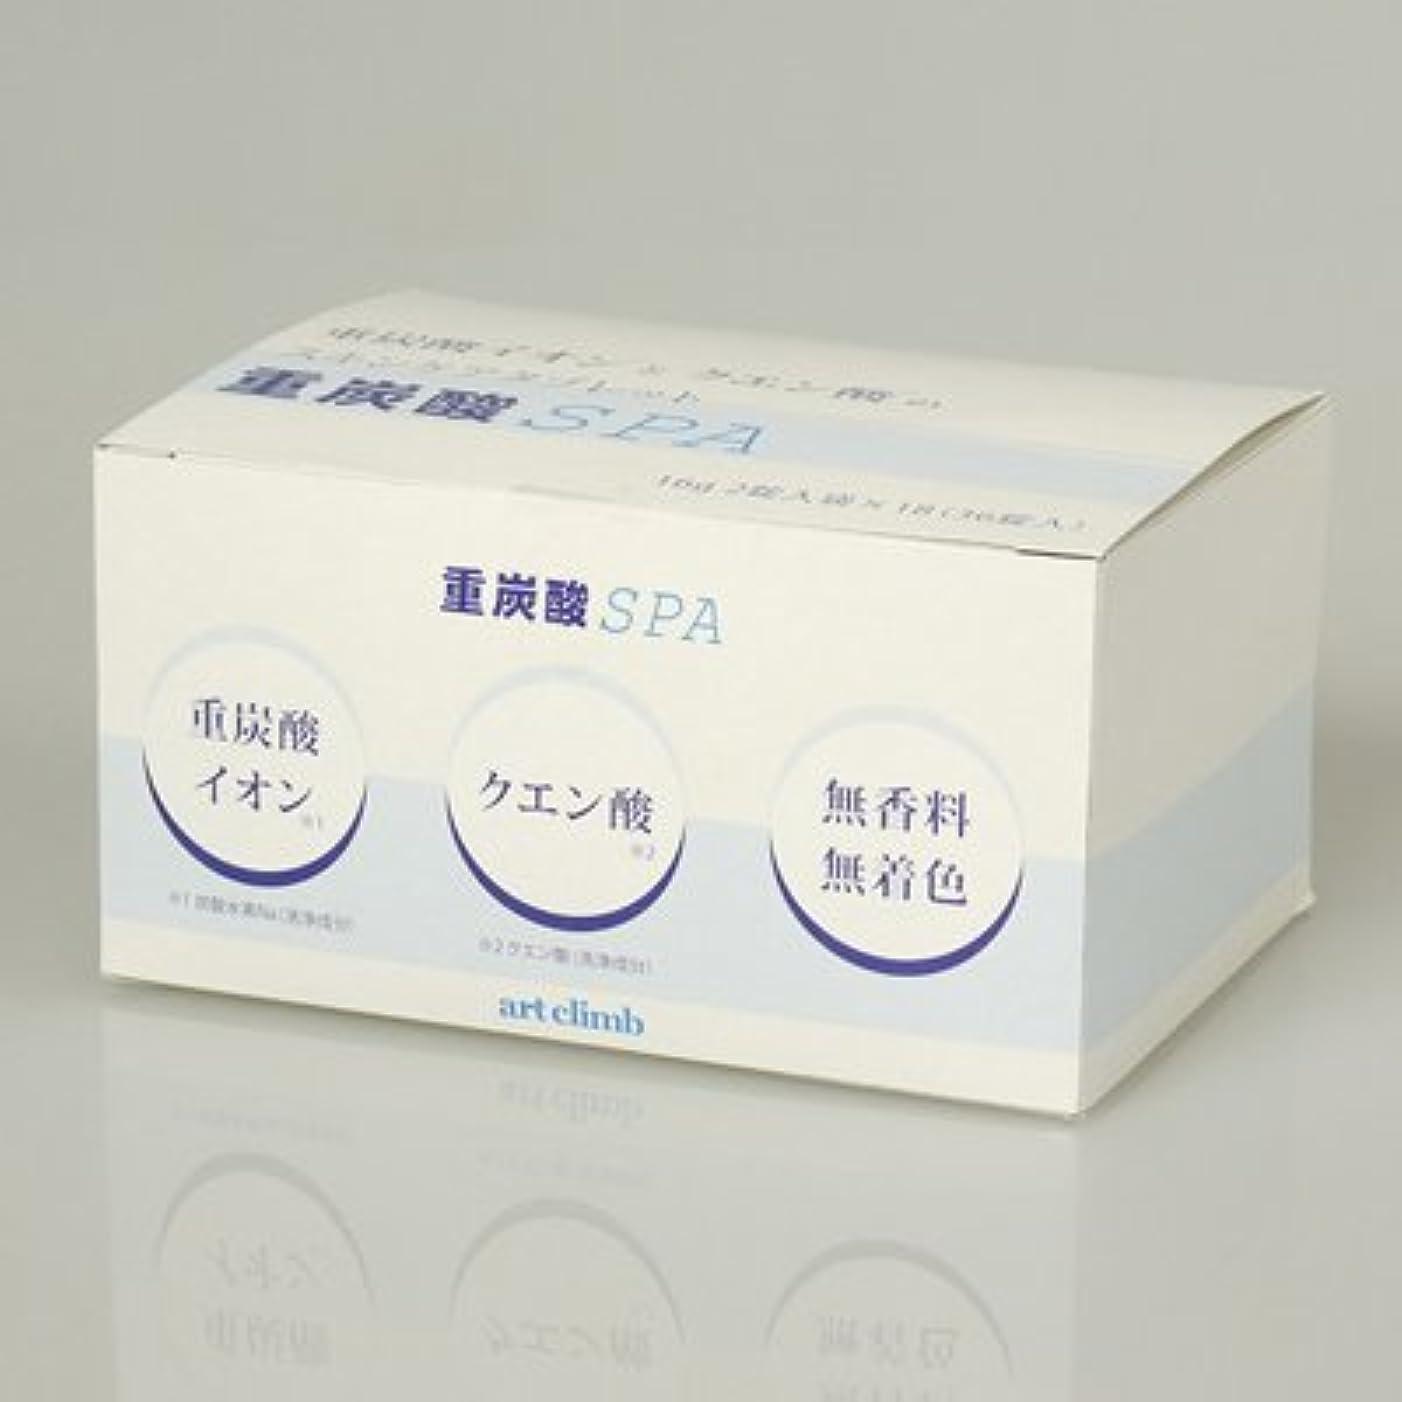 仲介者友情にやにや重炭酸SPA16g 36錠【2個セット】